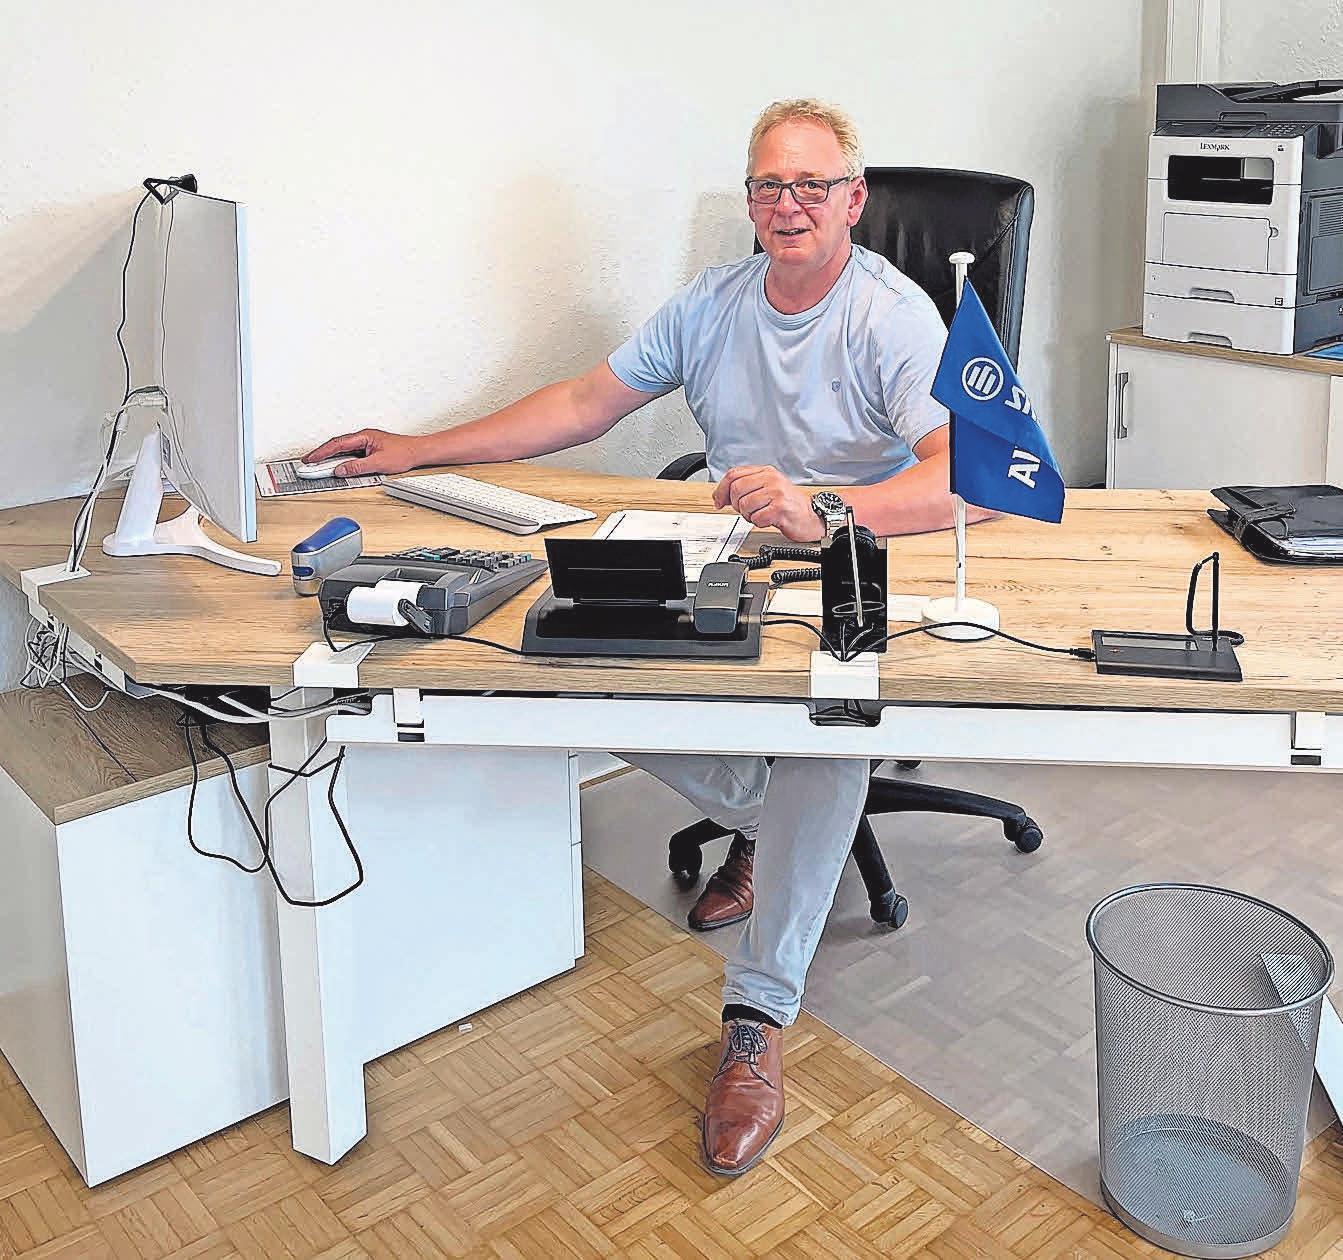 Es ist vollbracht: Allianz-Generalverteter Volker Ruge freut sich über seinen neuen Arbeitsplatz.